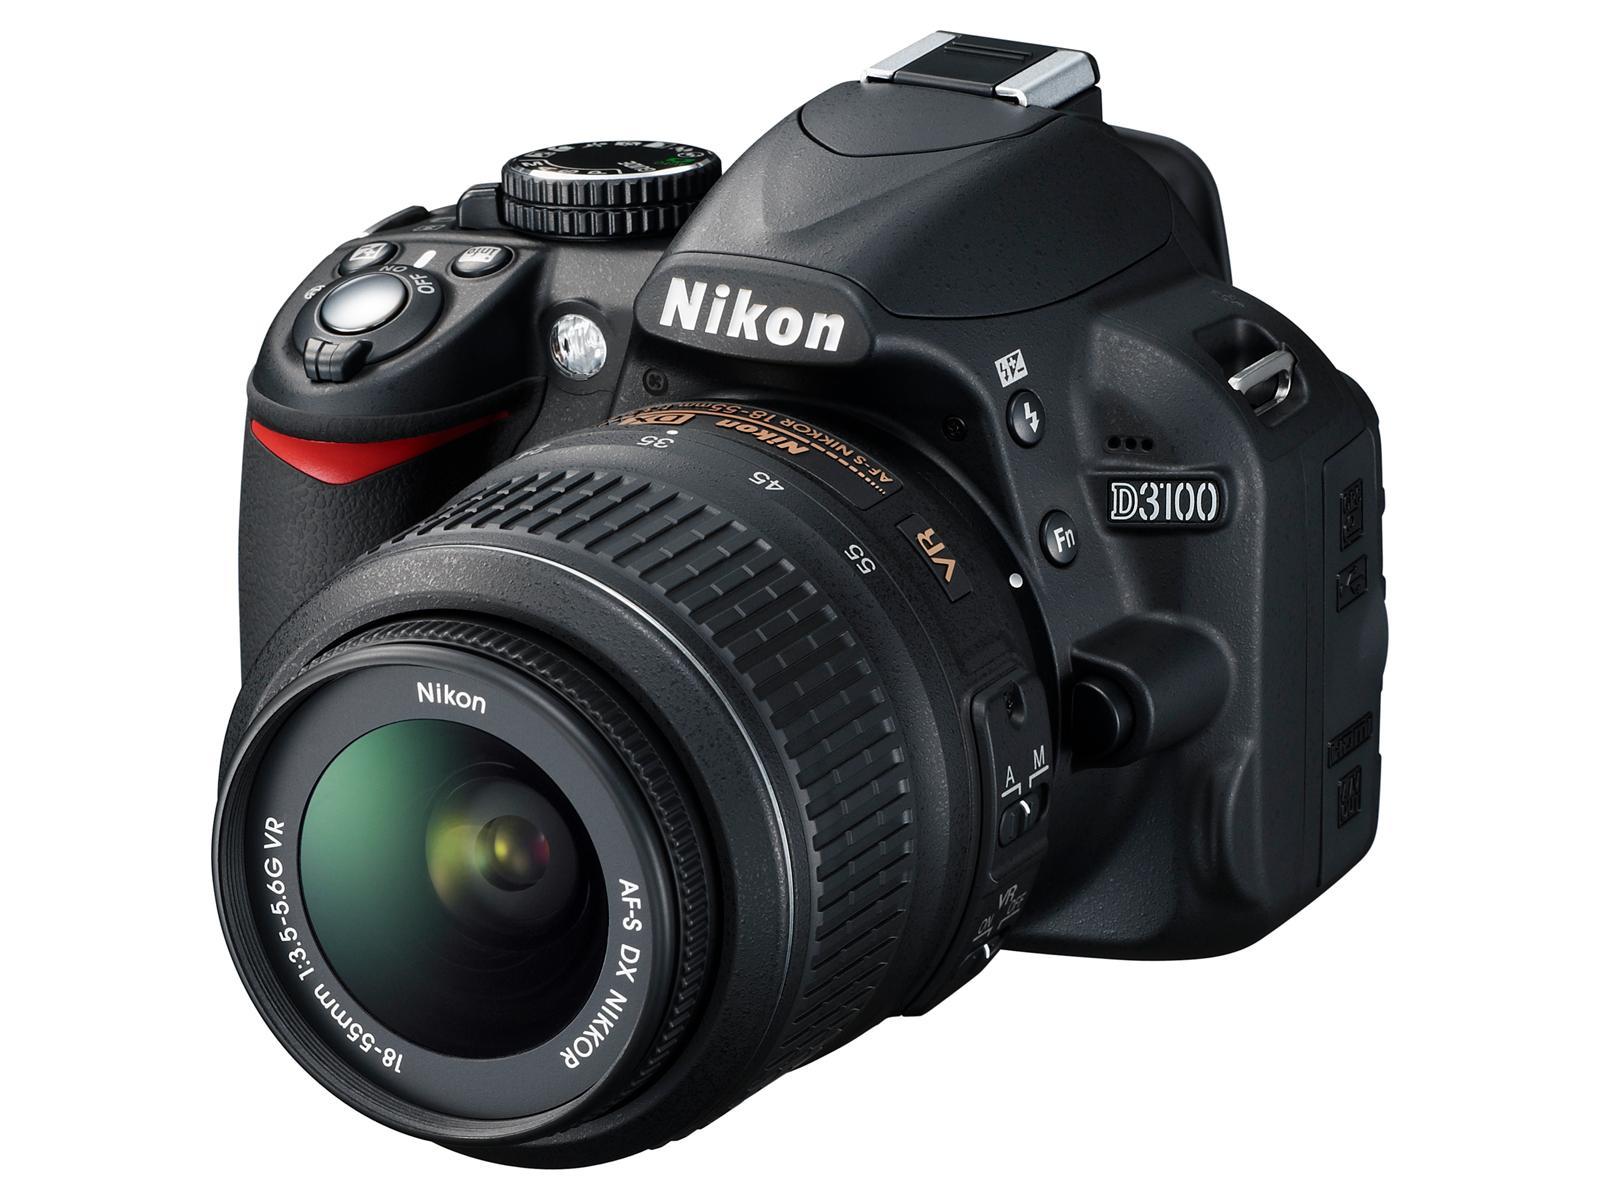 Nikon D3100 er relativt nytt og koster mindre enn mange entusiastkompakter.